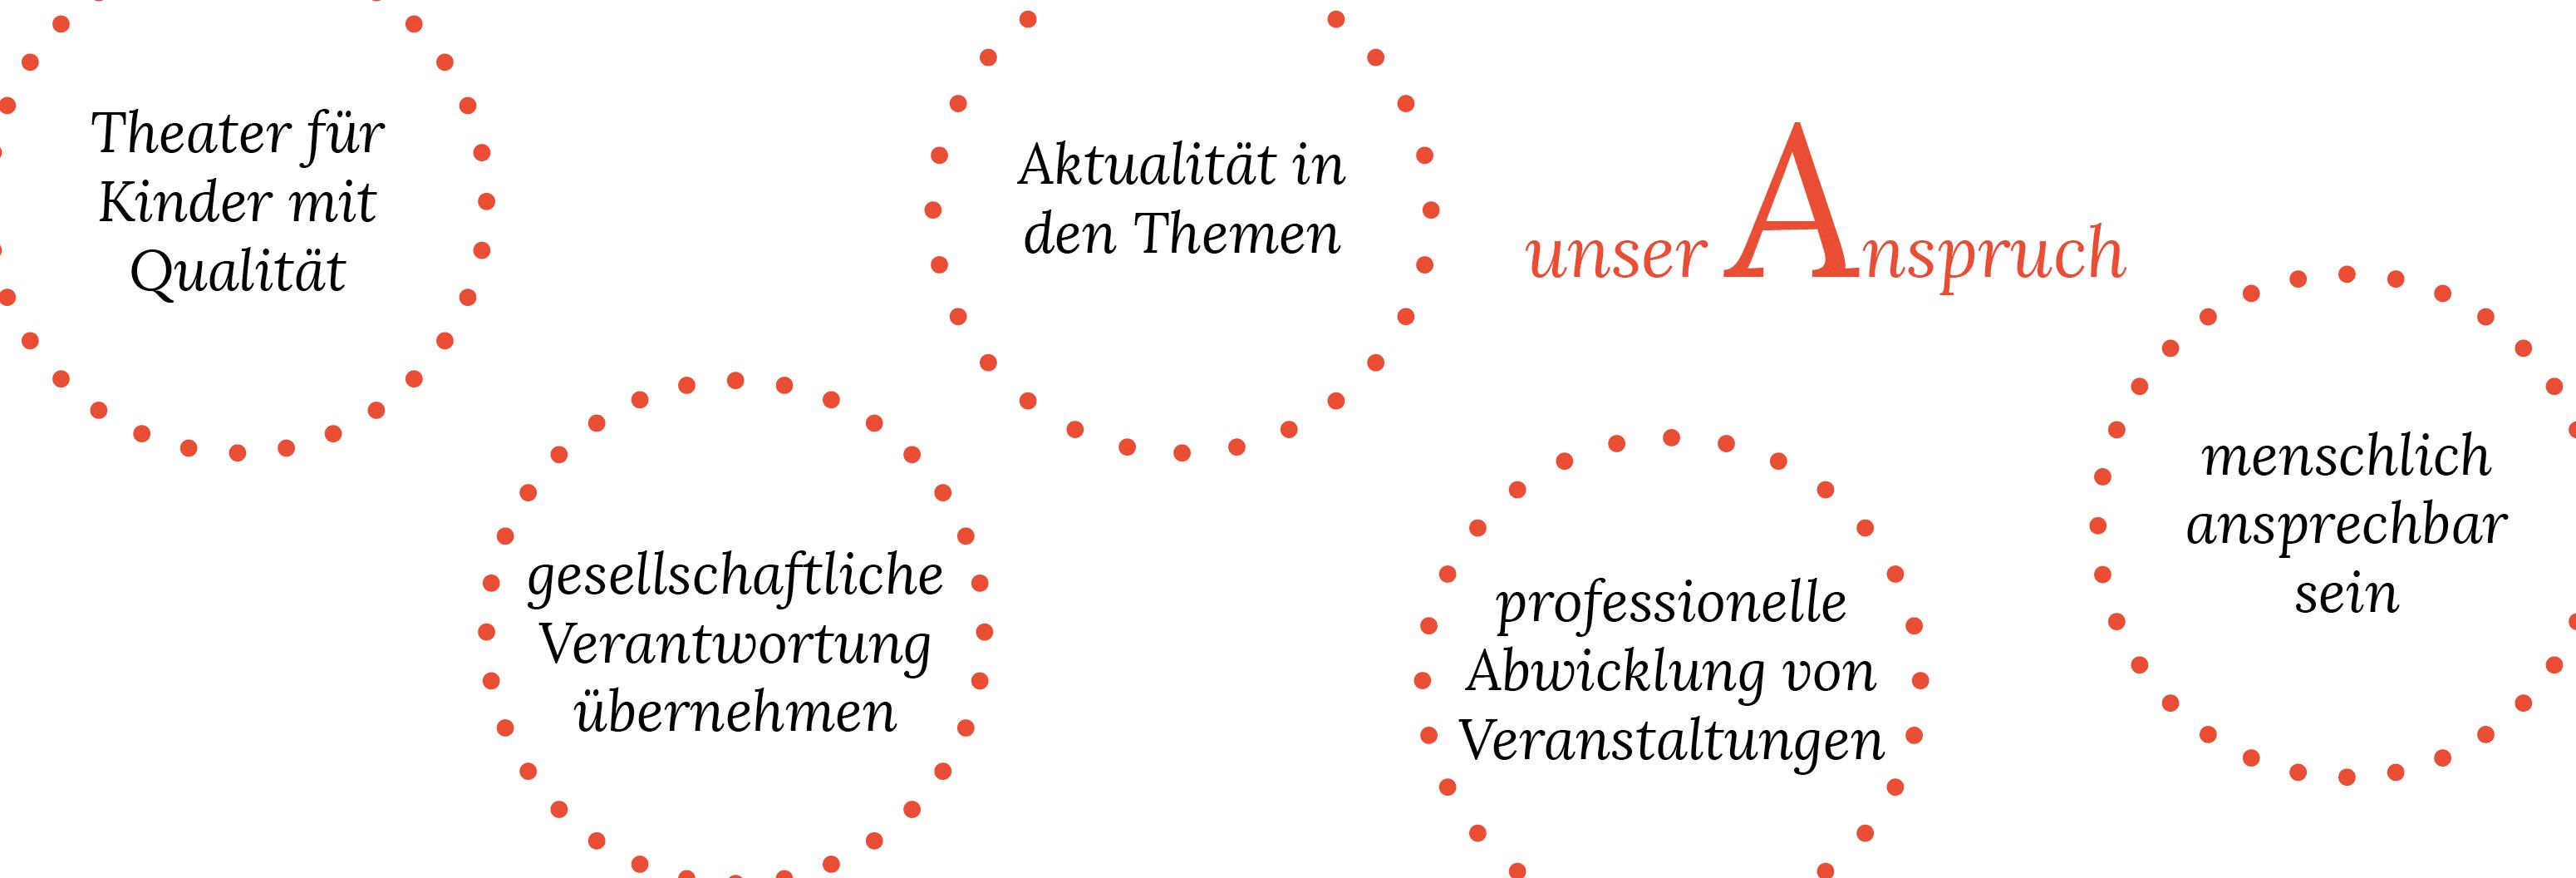 Abbildung, die deneigenen Anspruch vom Theater Mär an die Theaterstücke erklärt.